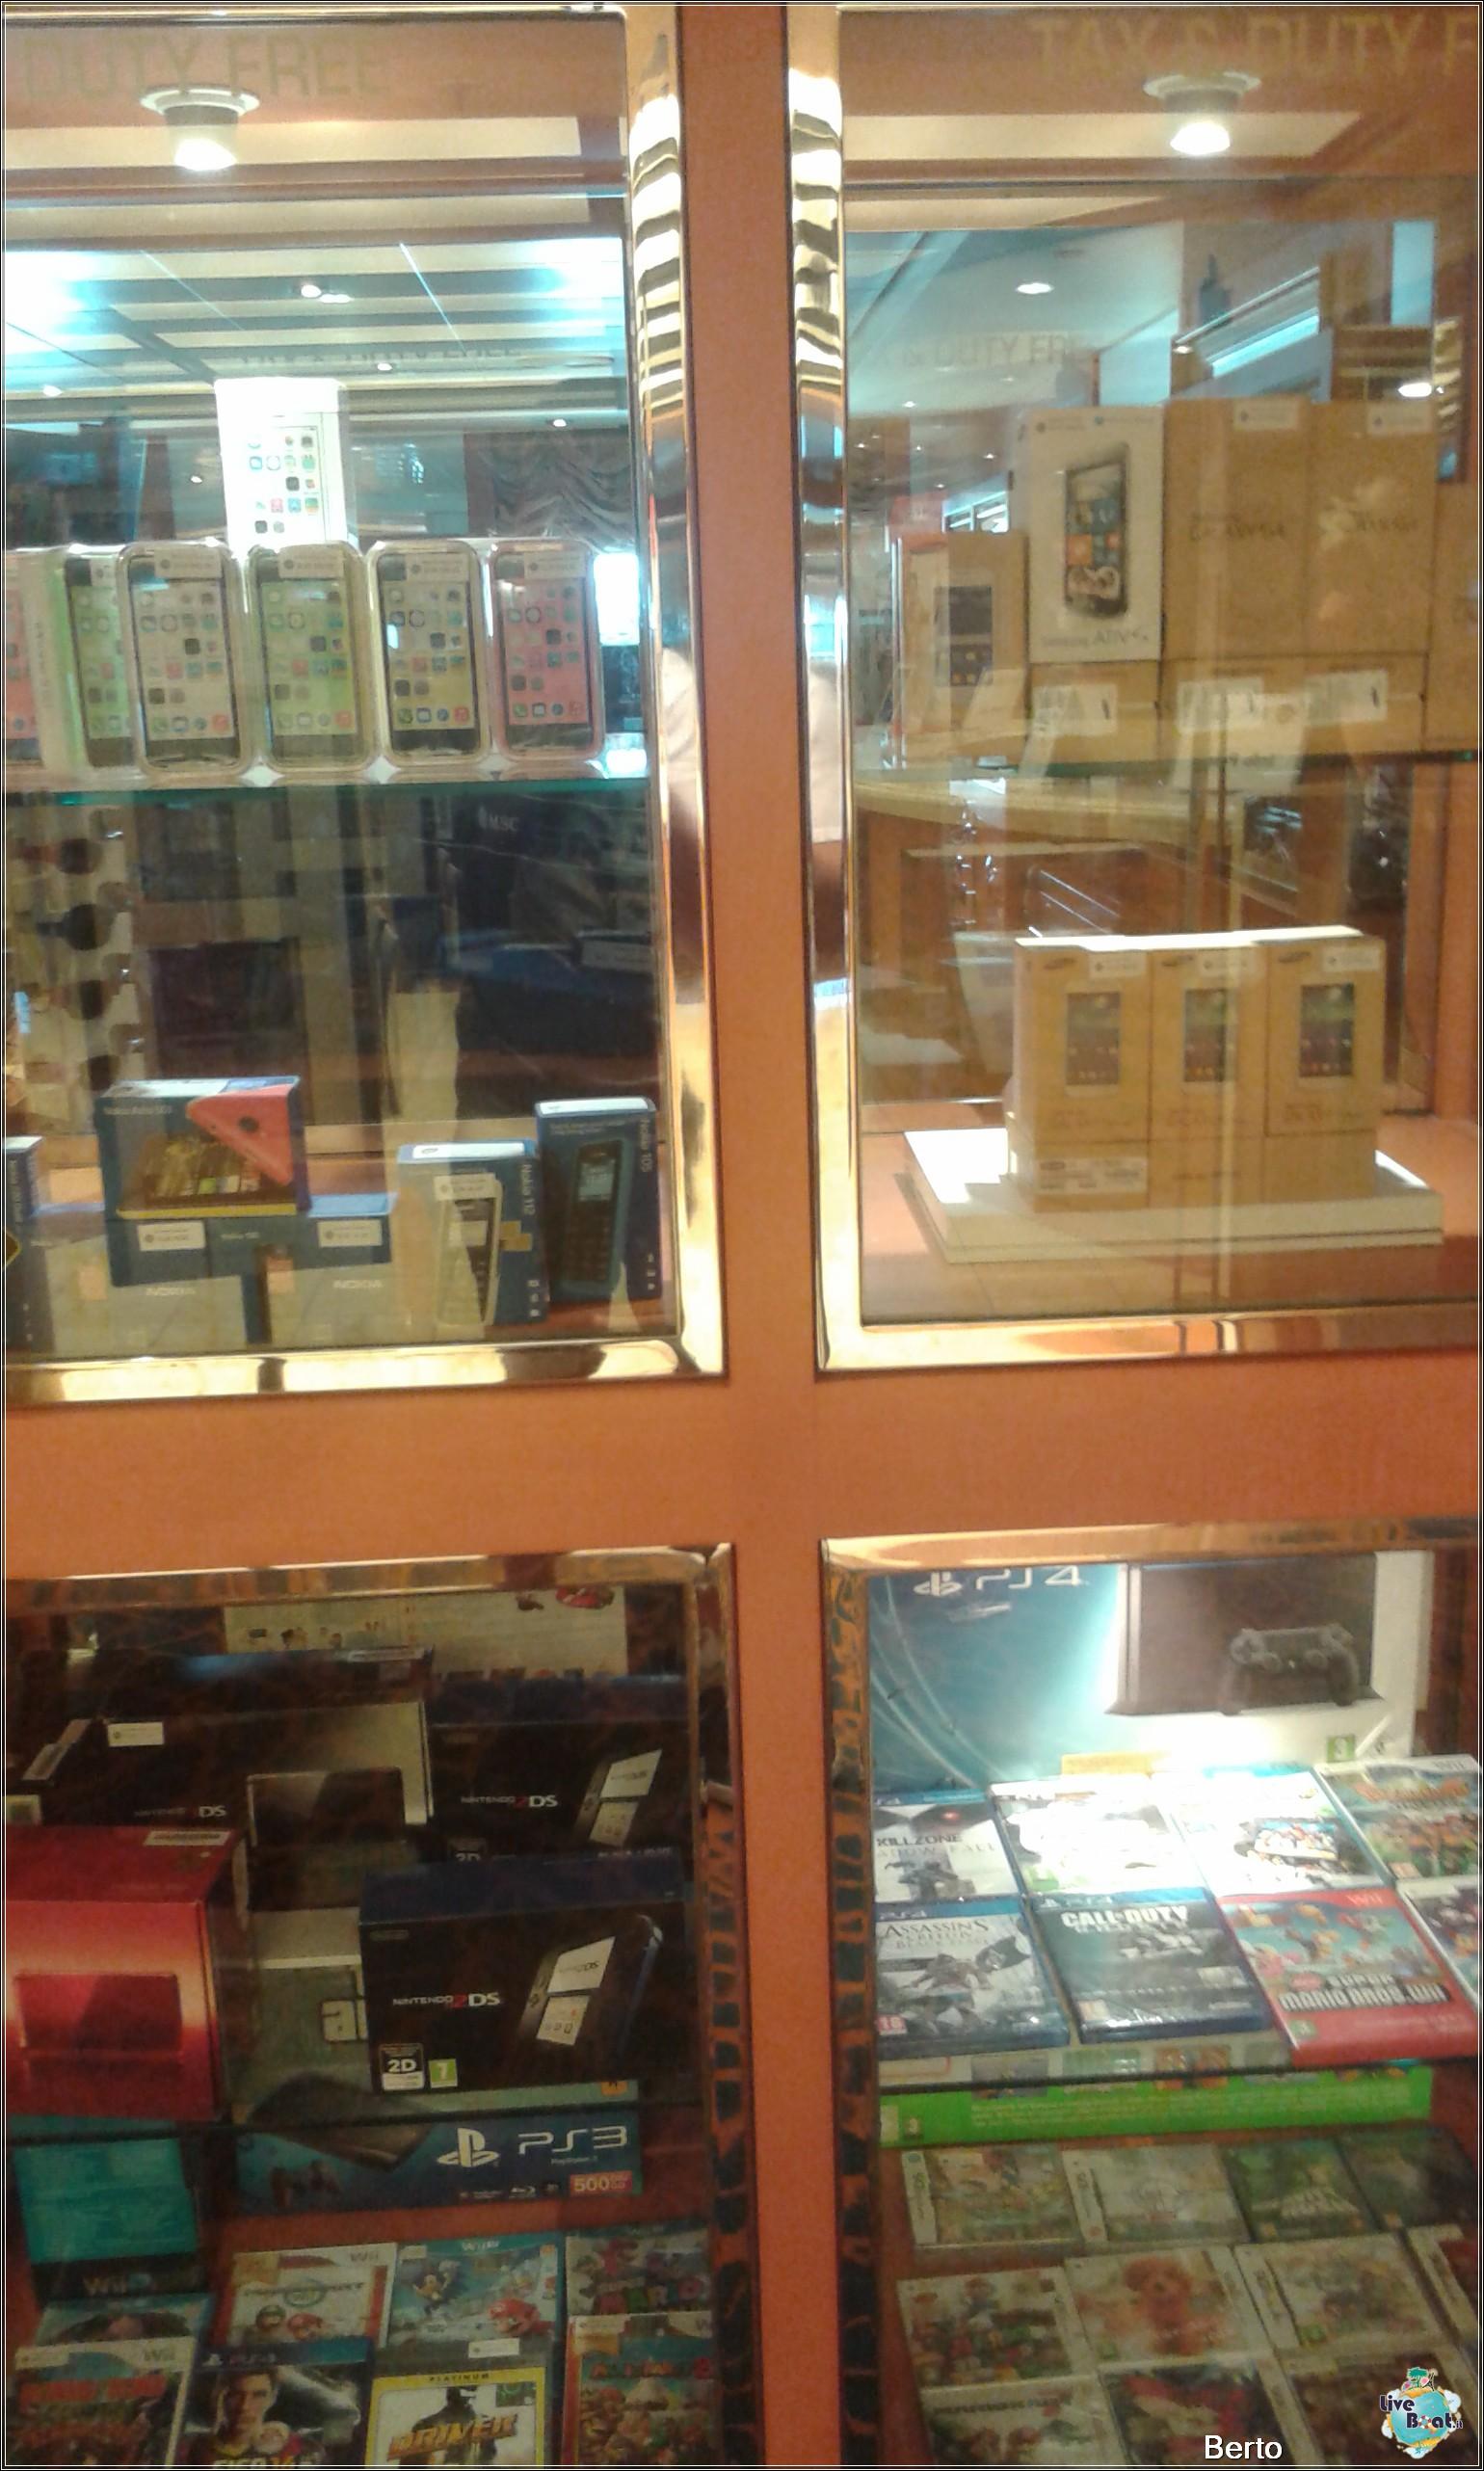 I negozi di Msc Armonia-141msc-armonia-venezia-liveboatcrociere-jpg